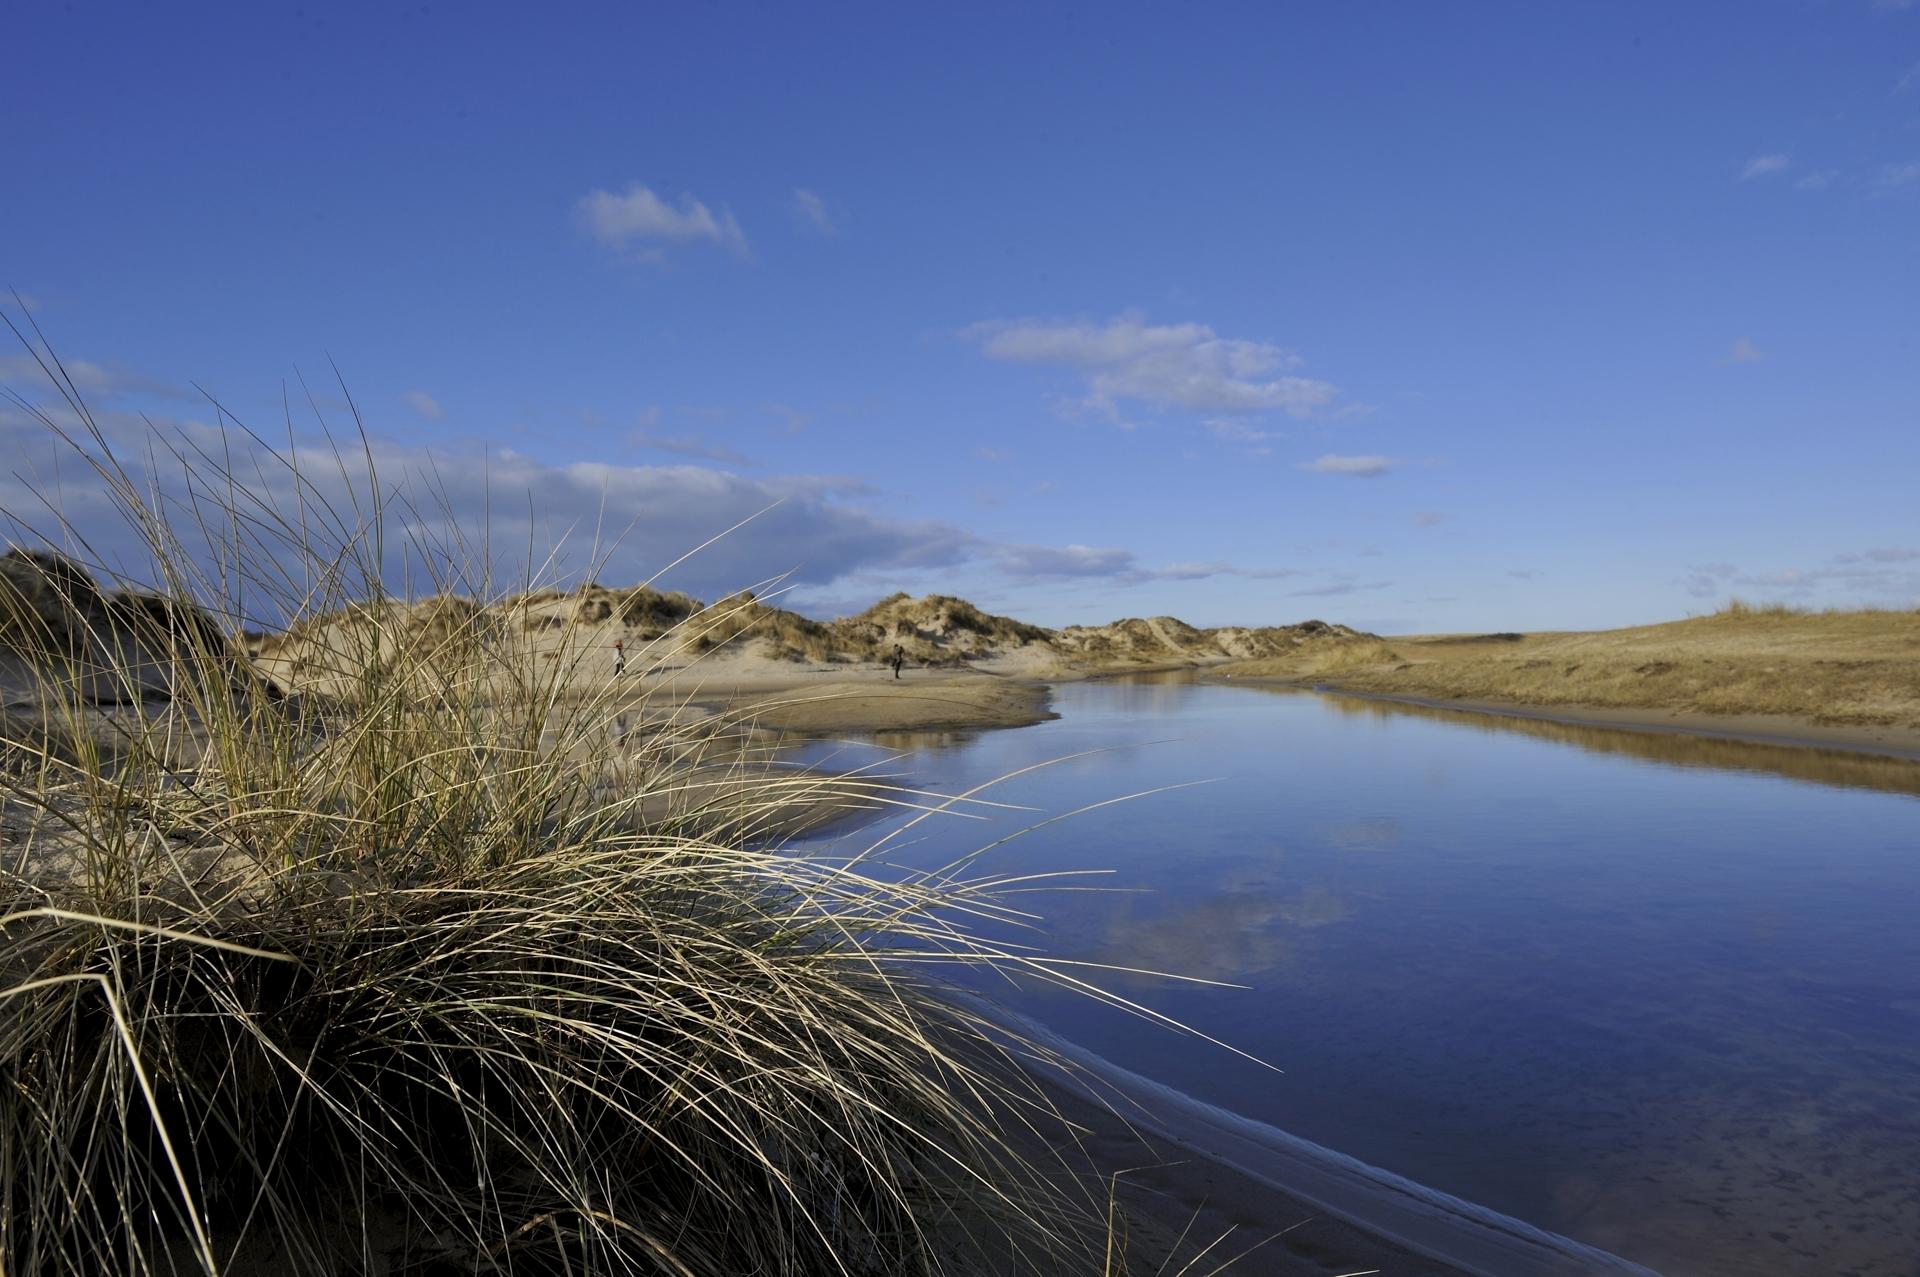 Doorkijkje natuurgebied De Slufter fotograaf Psotta VVV Texel